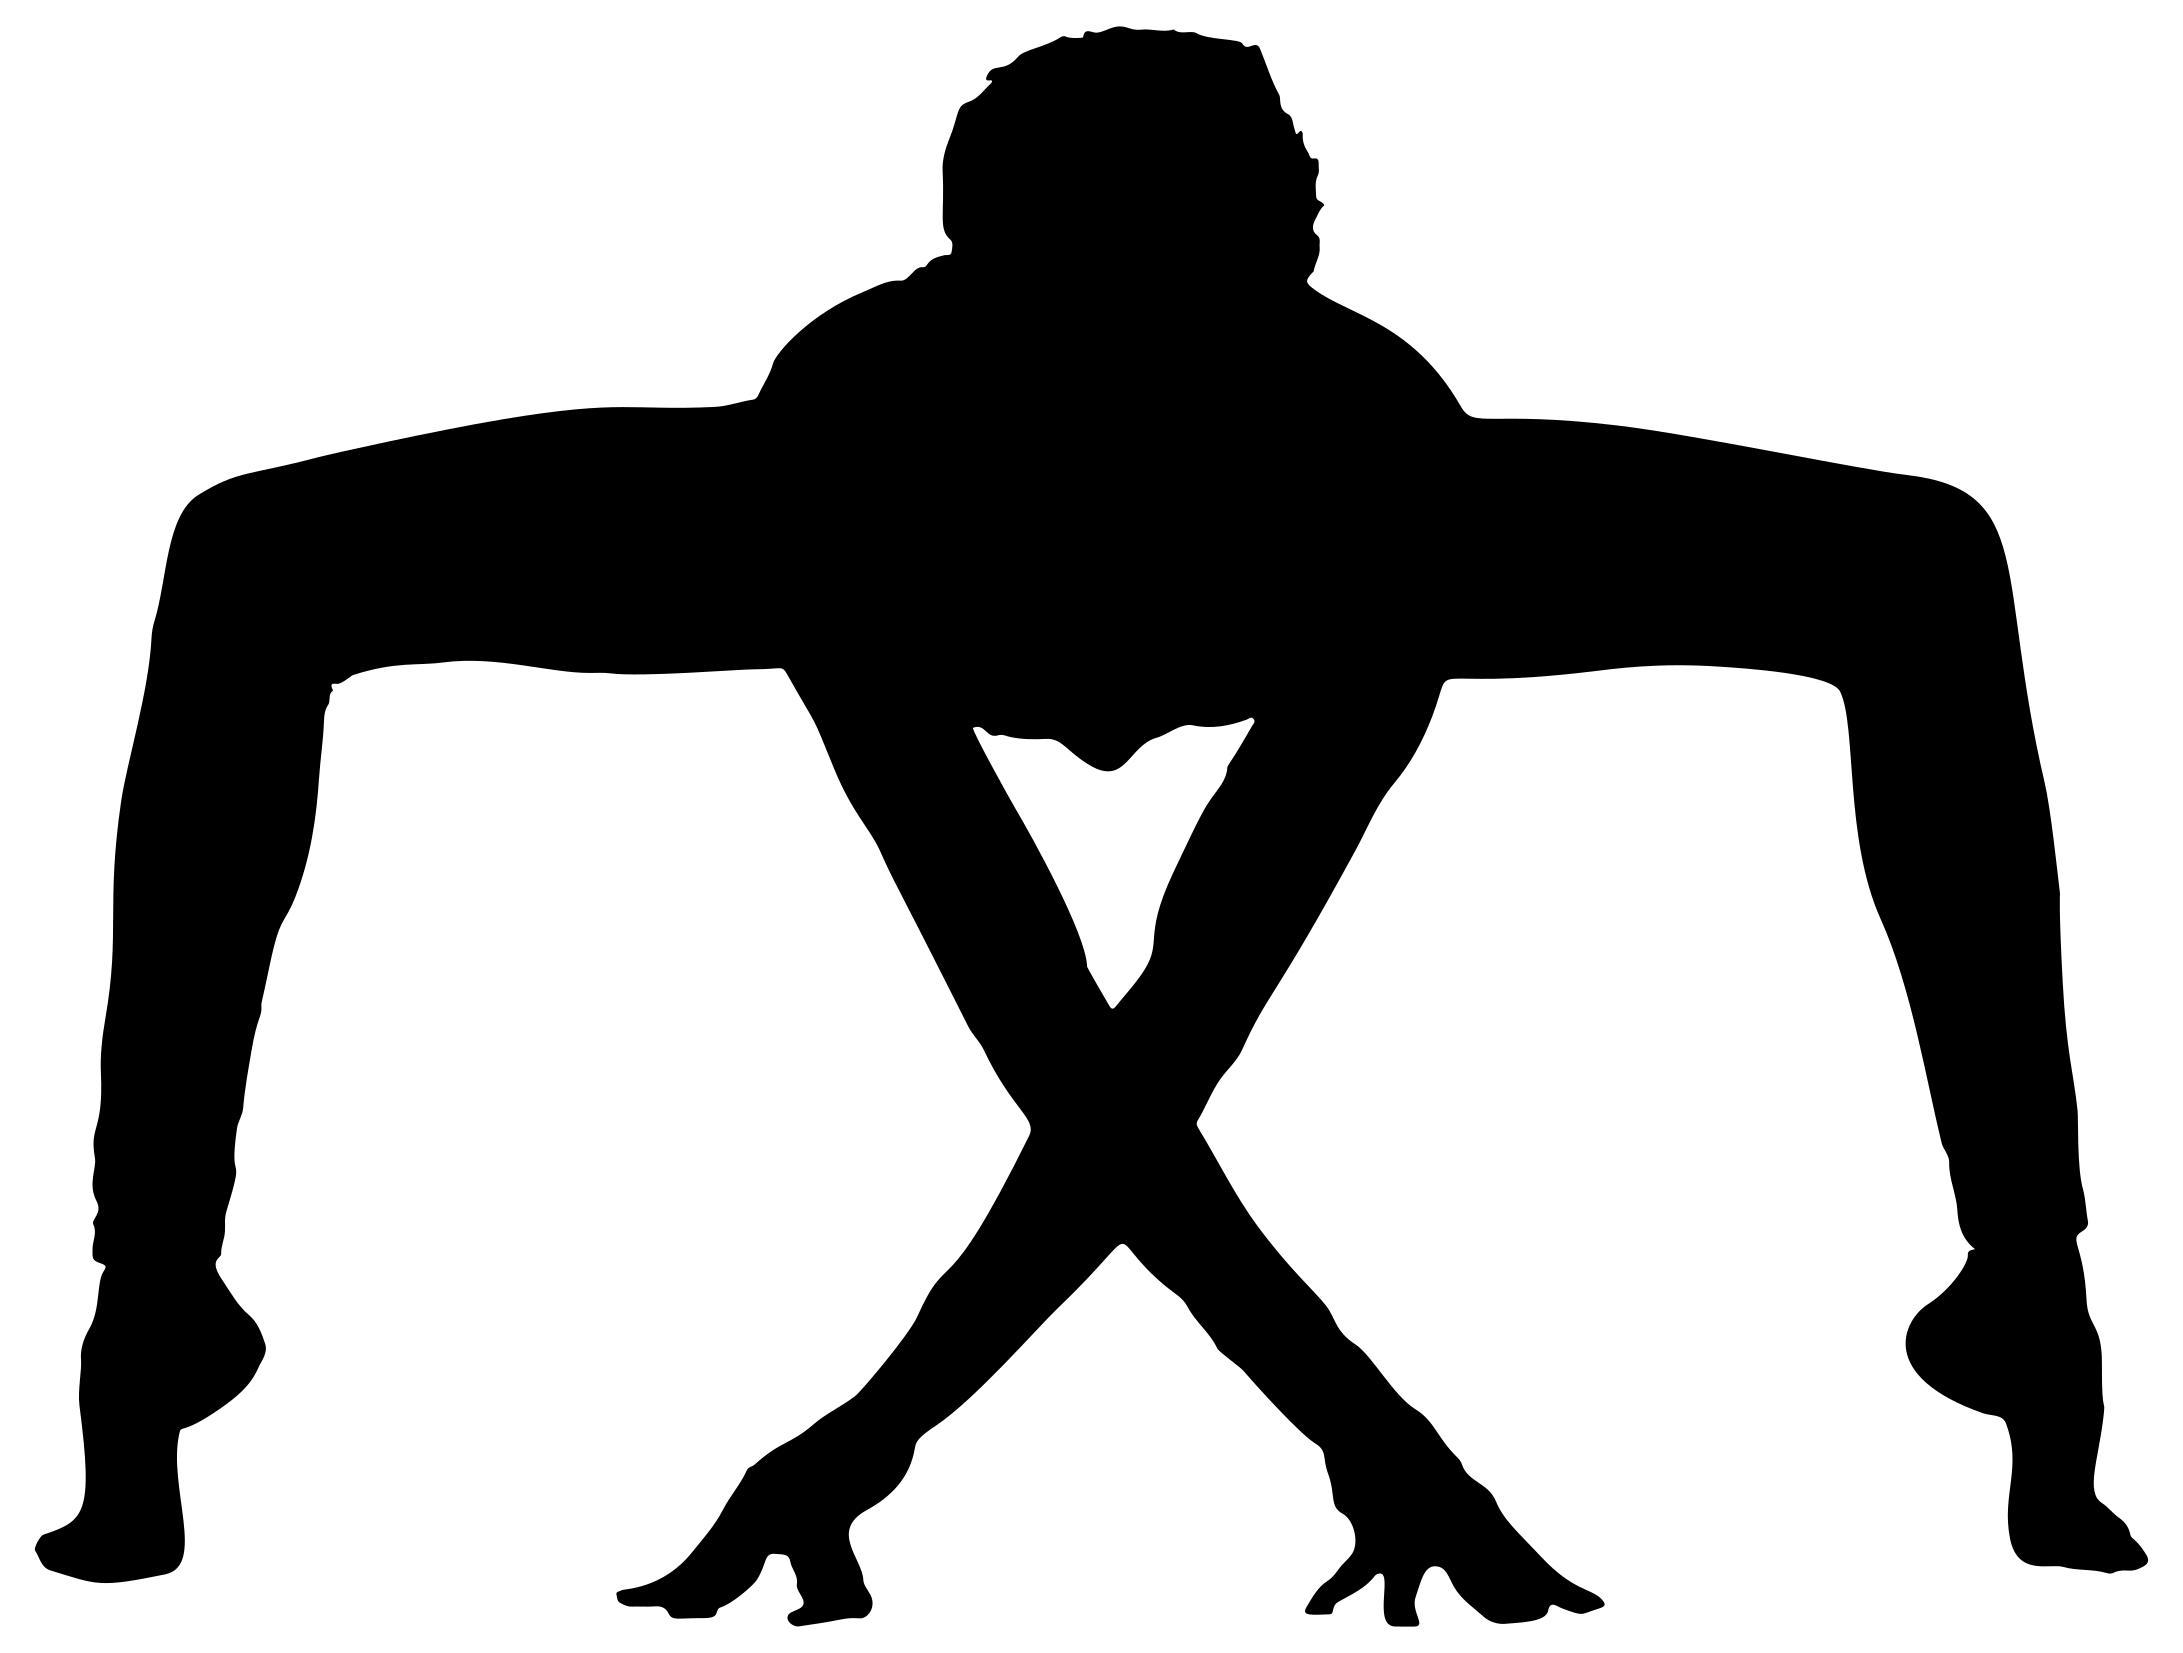 2183x1653 Male Yoga Pose Silhouette 3 Clipart